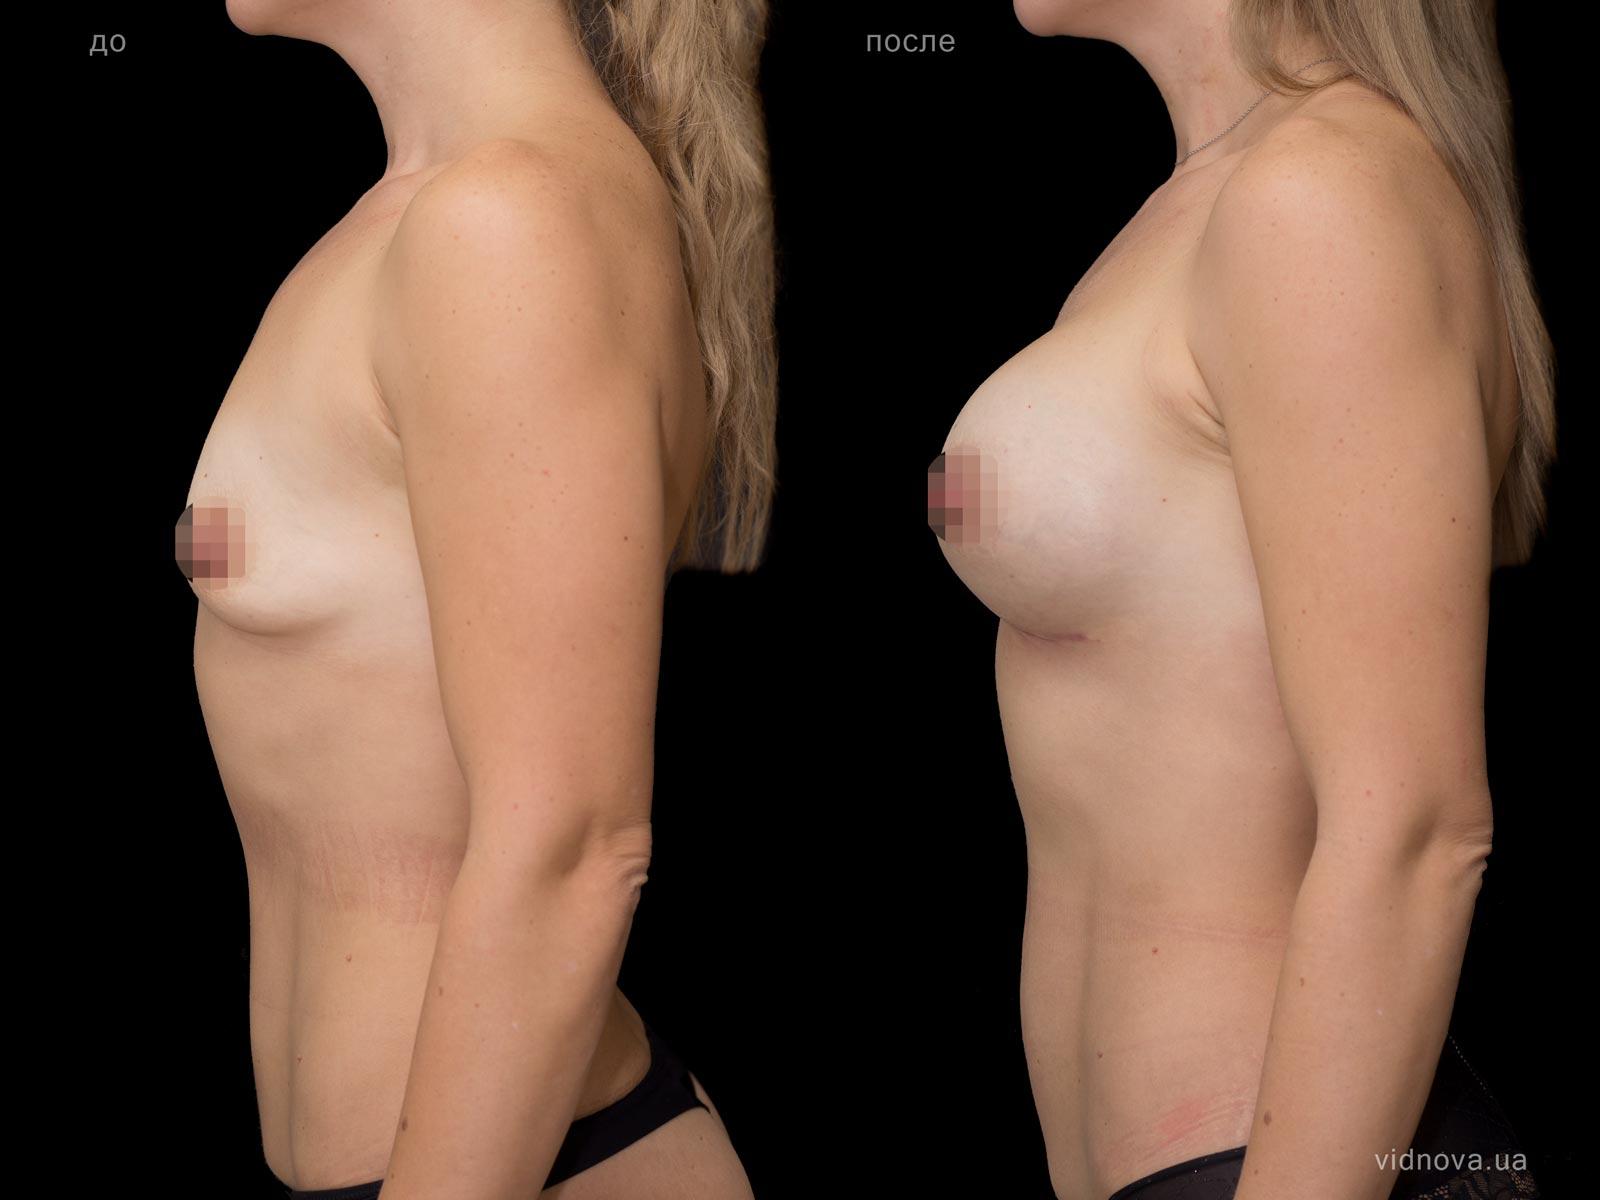 Пластика груди: результаты до и после - Пример №71-2 - Светлана Работенко